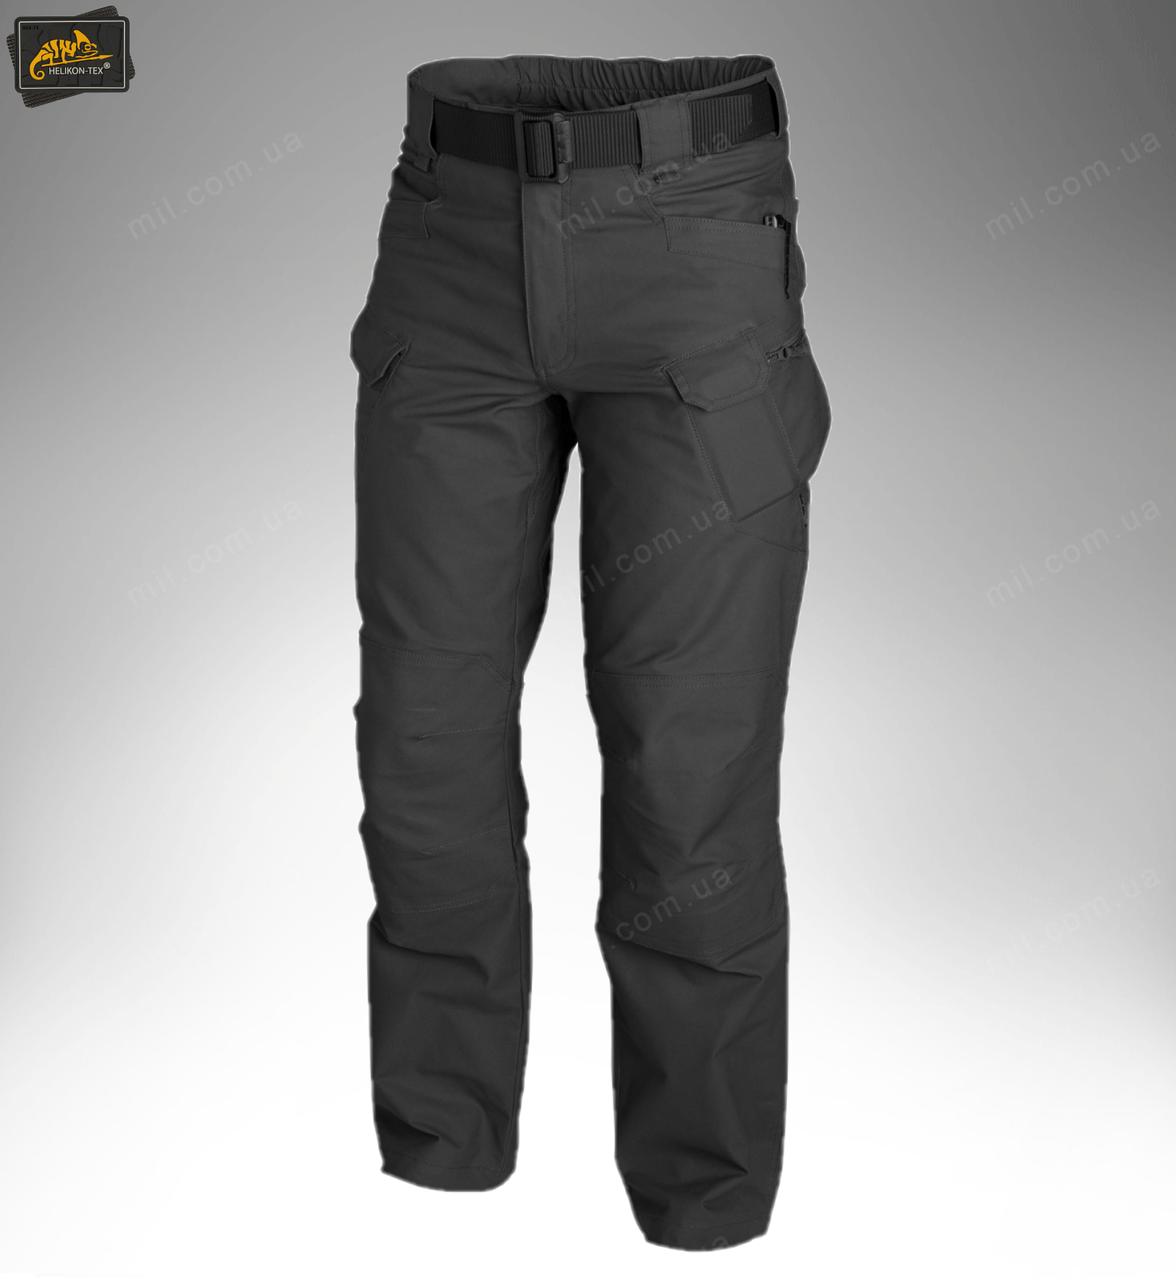 Тактические брюки / штаны Helikon Tex UTP Urban Tactical Pants black (черный)